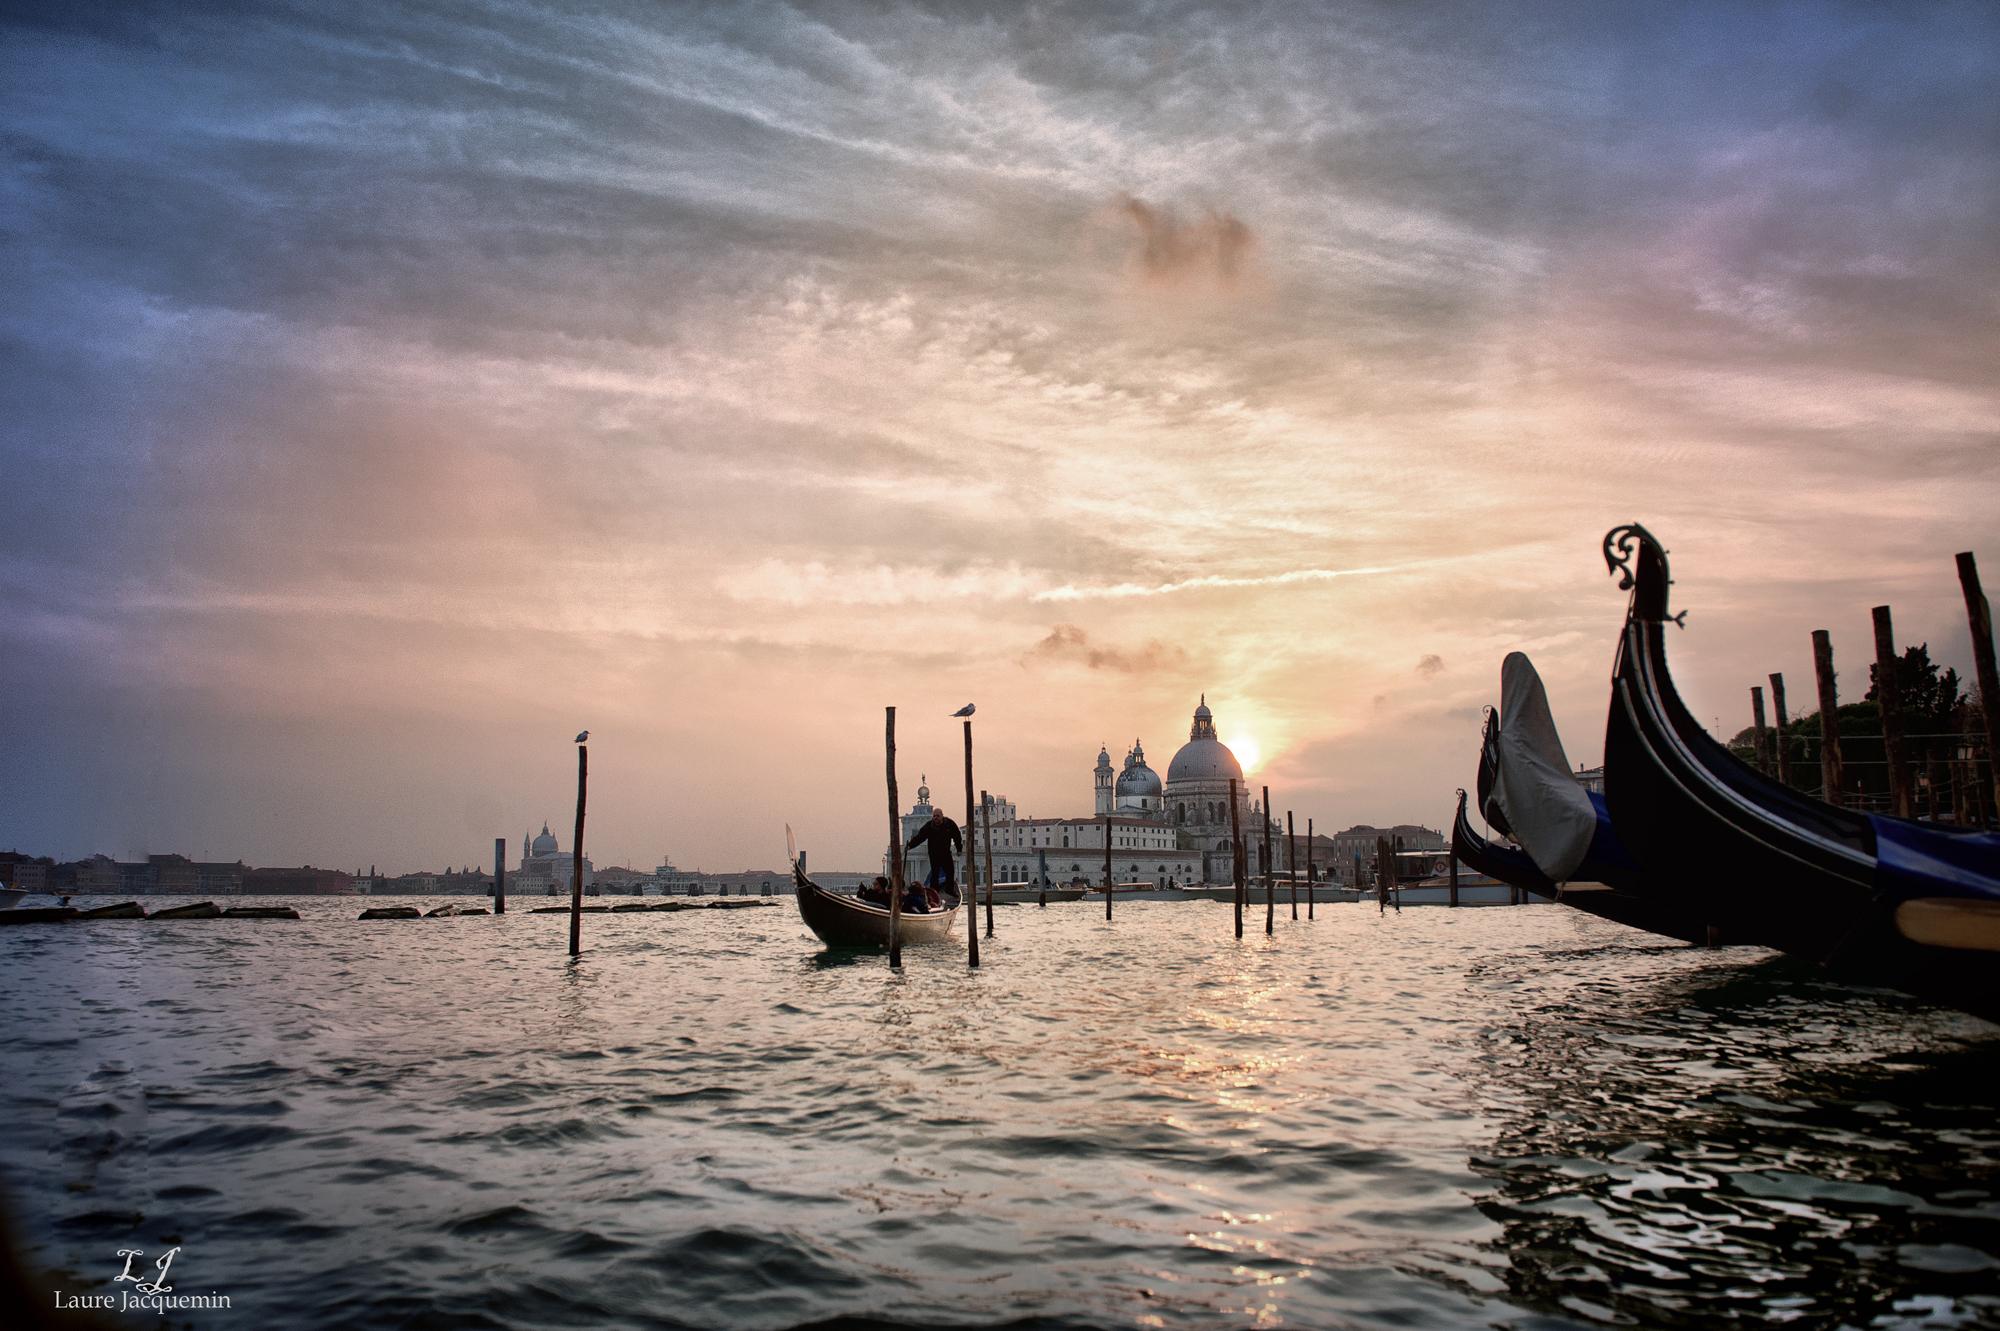 Mariage Venise Photographe fiancailles demande en mariage laure jacquemin   (15)